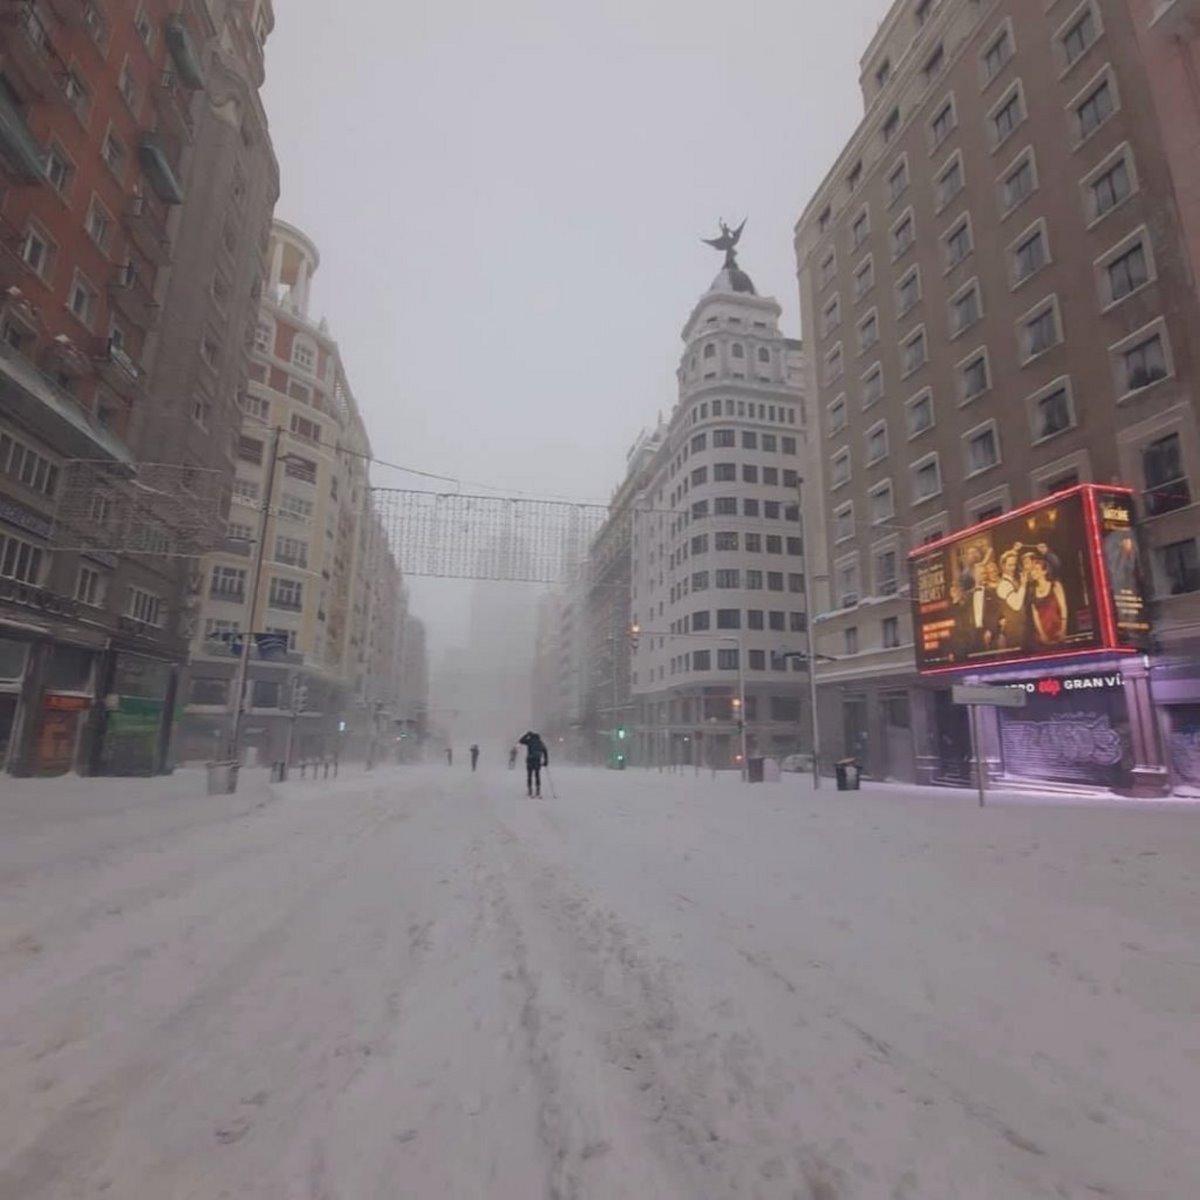 Χιόνια στο κέντρο της Μαδρίτης